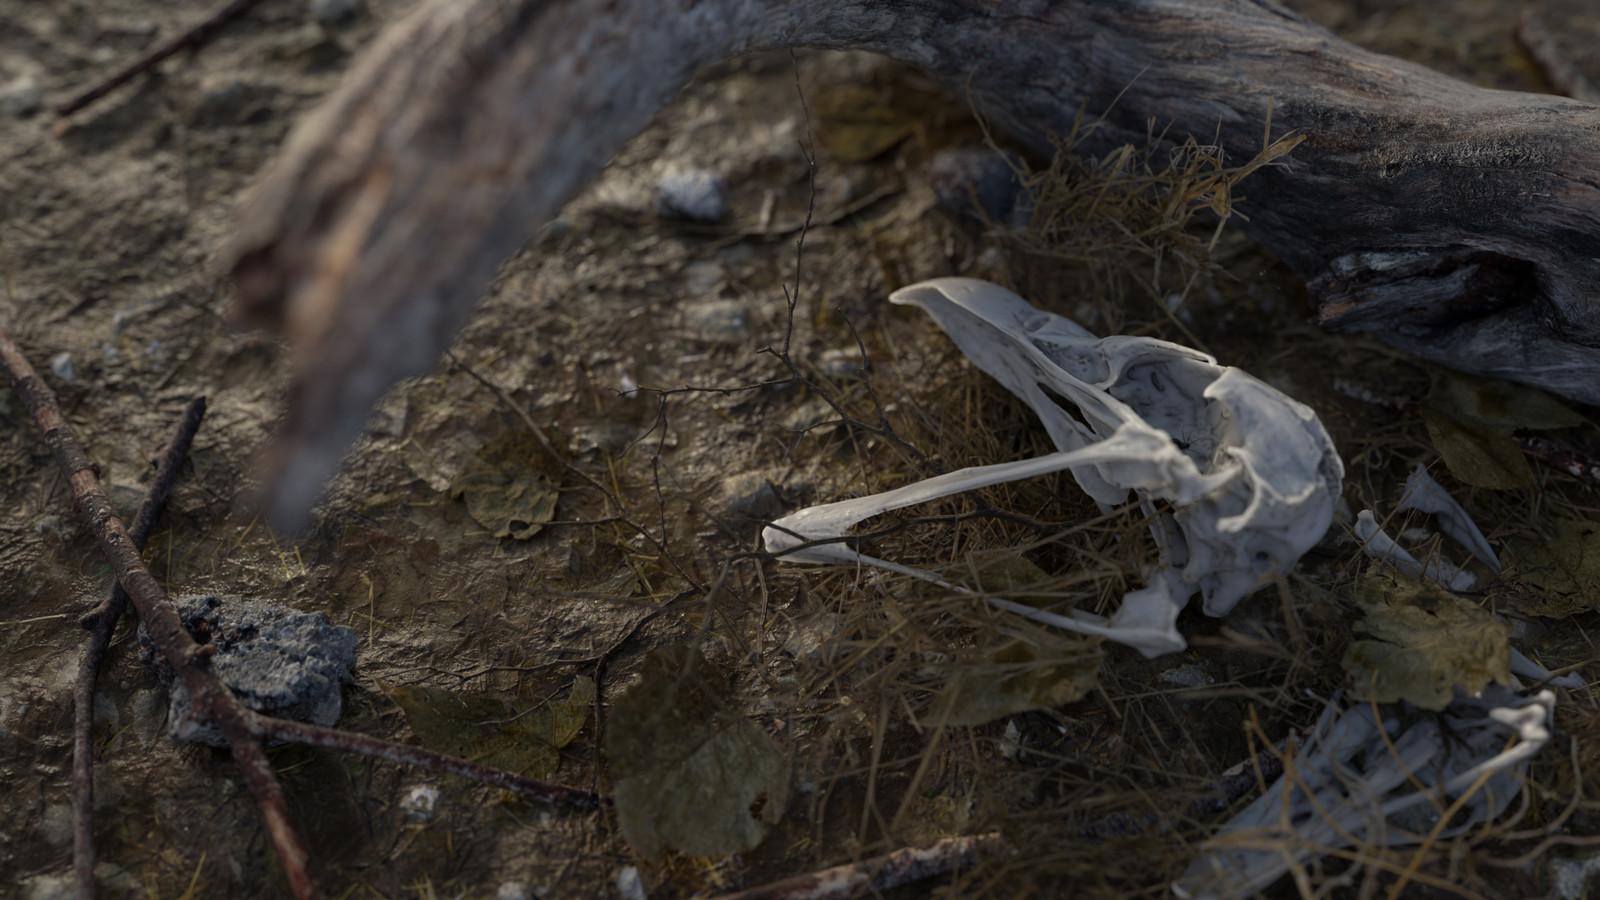 Nature Morte #3